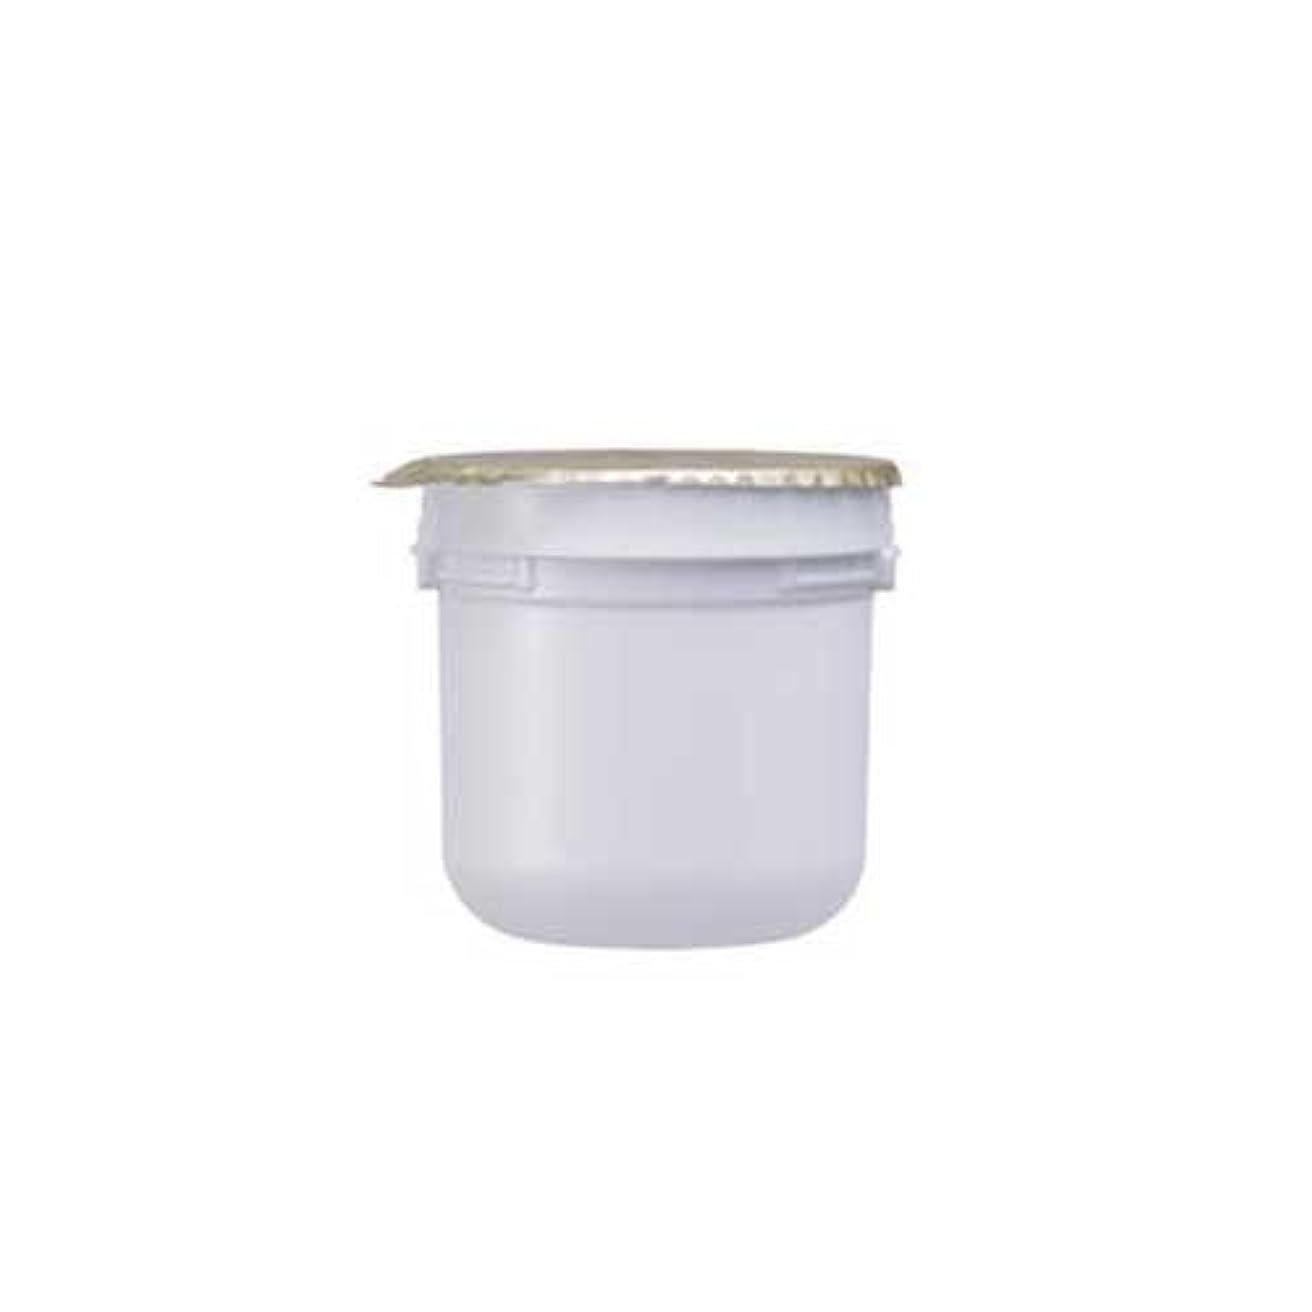 岩植物学頼るASTALIFT(アスタリフト) ホワイト クリーム(美白クリーム)レフィル 30g